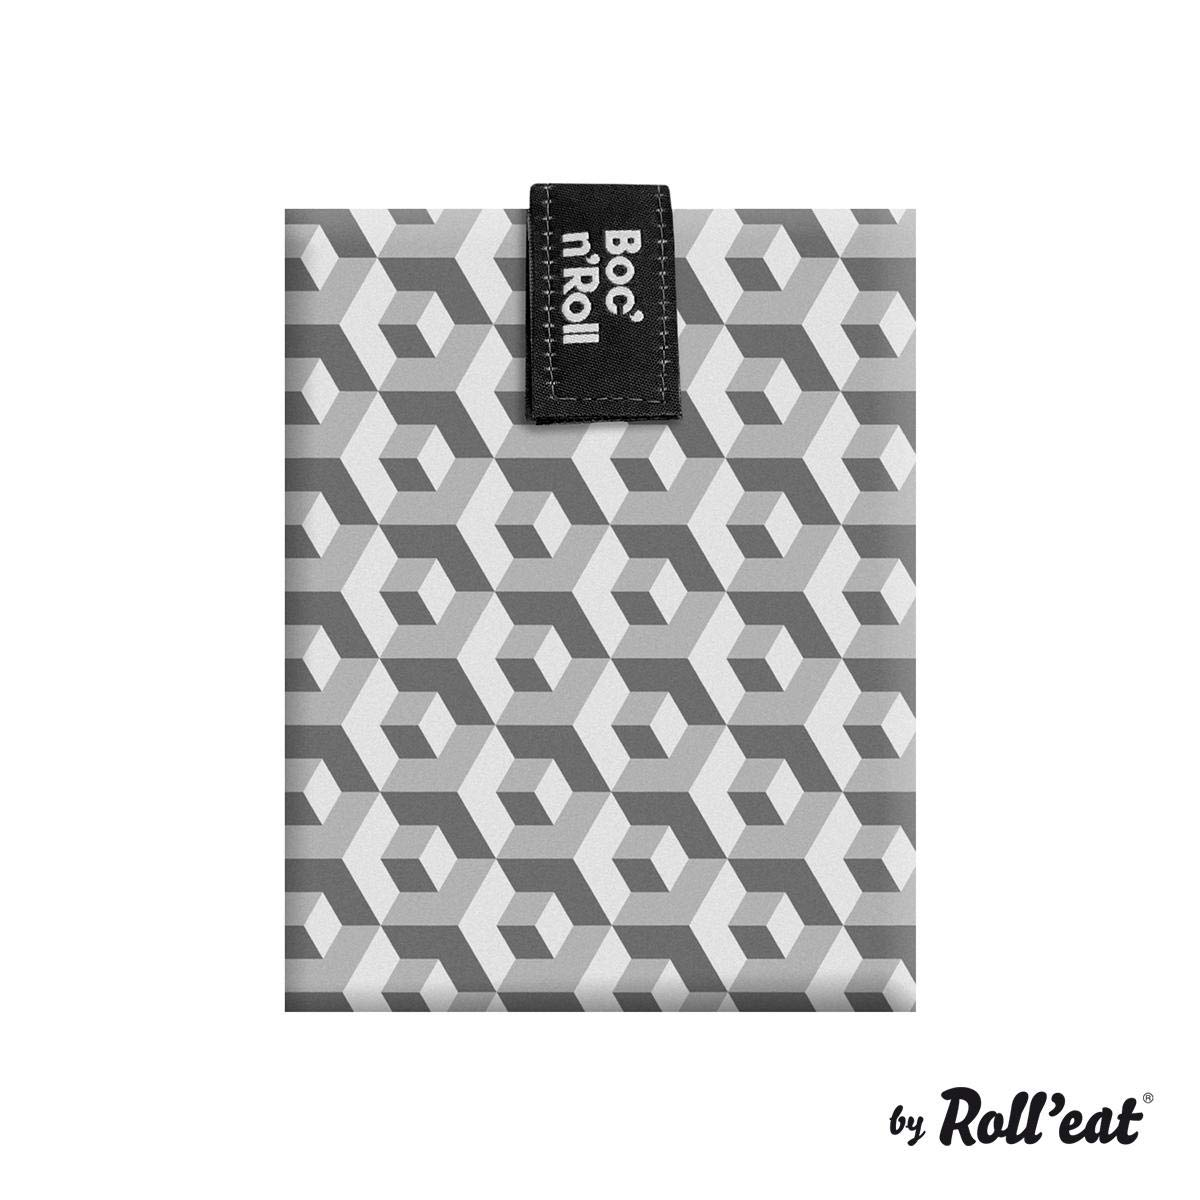 Rolleat ROLLEAT019 Recipientes para comida unisex